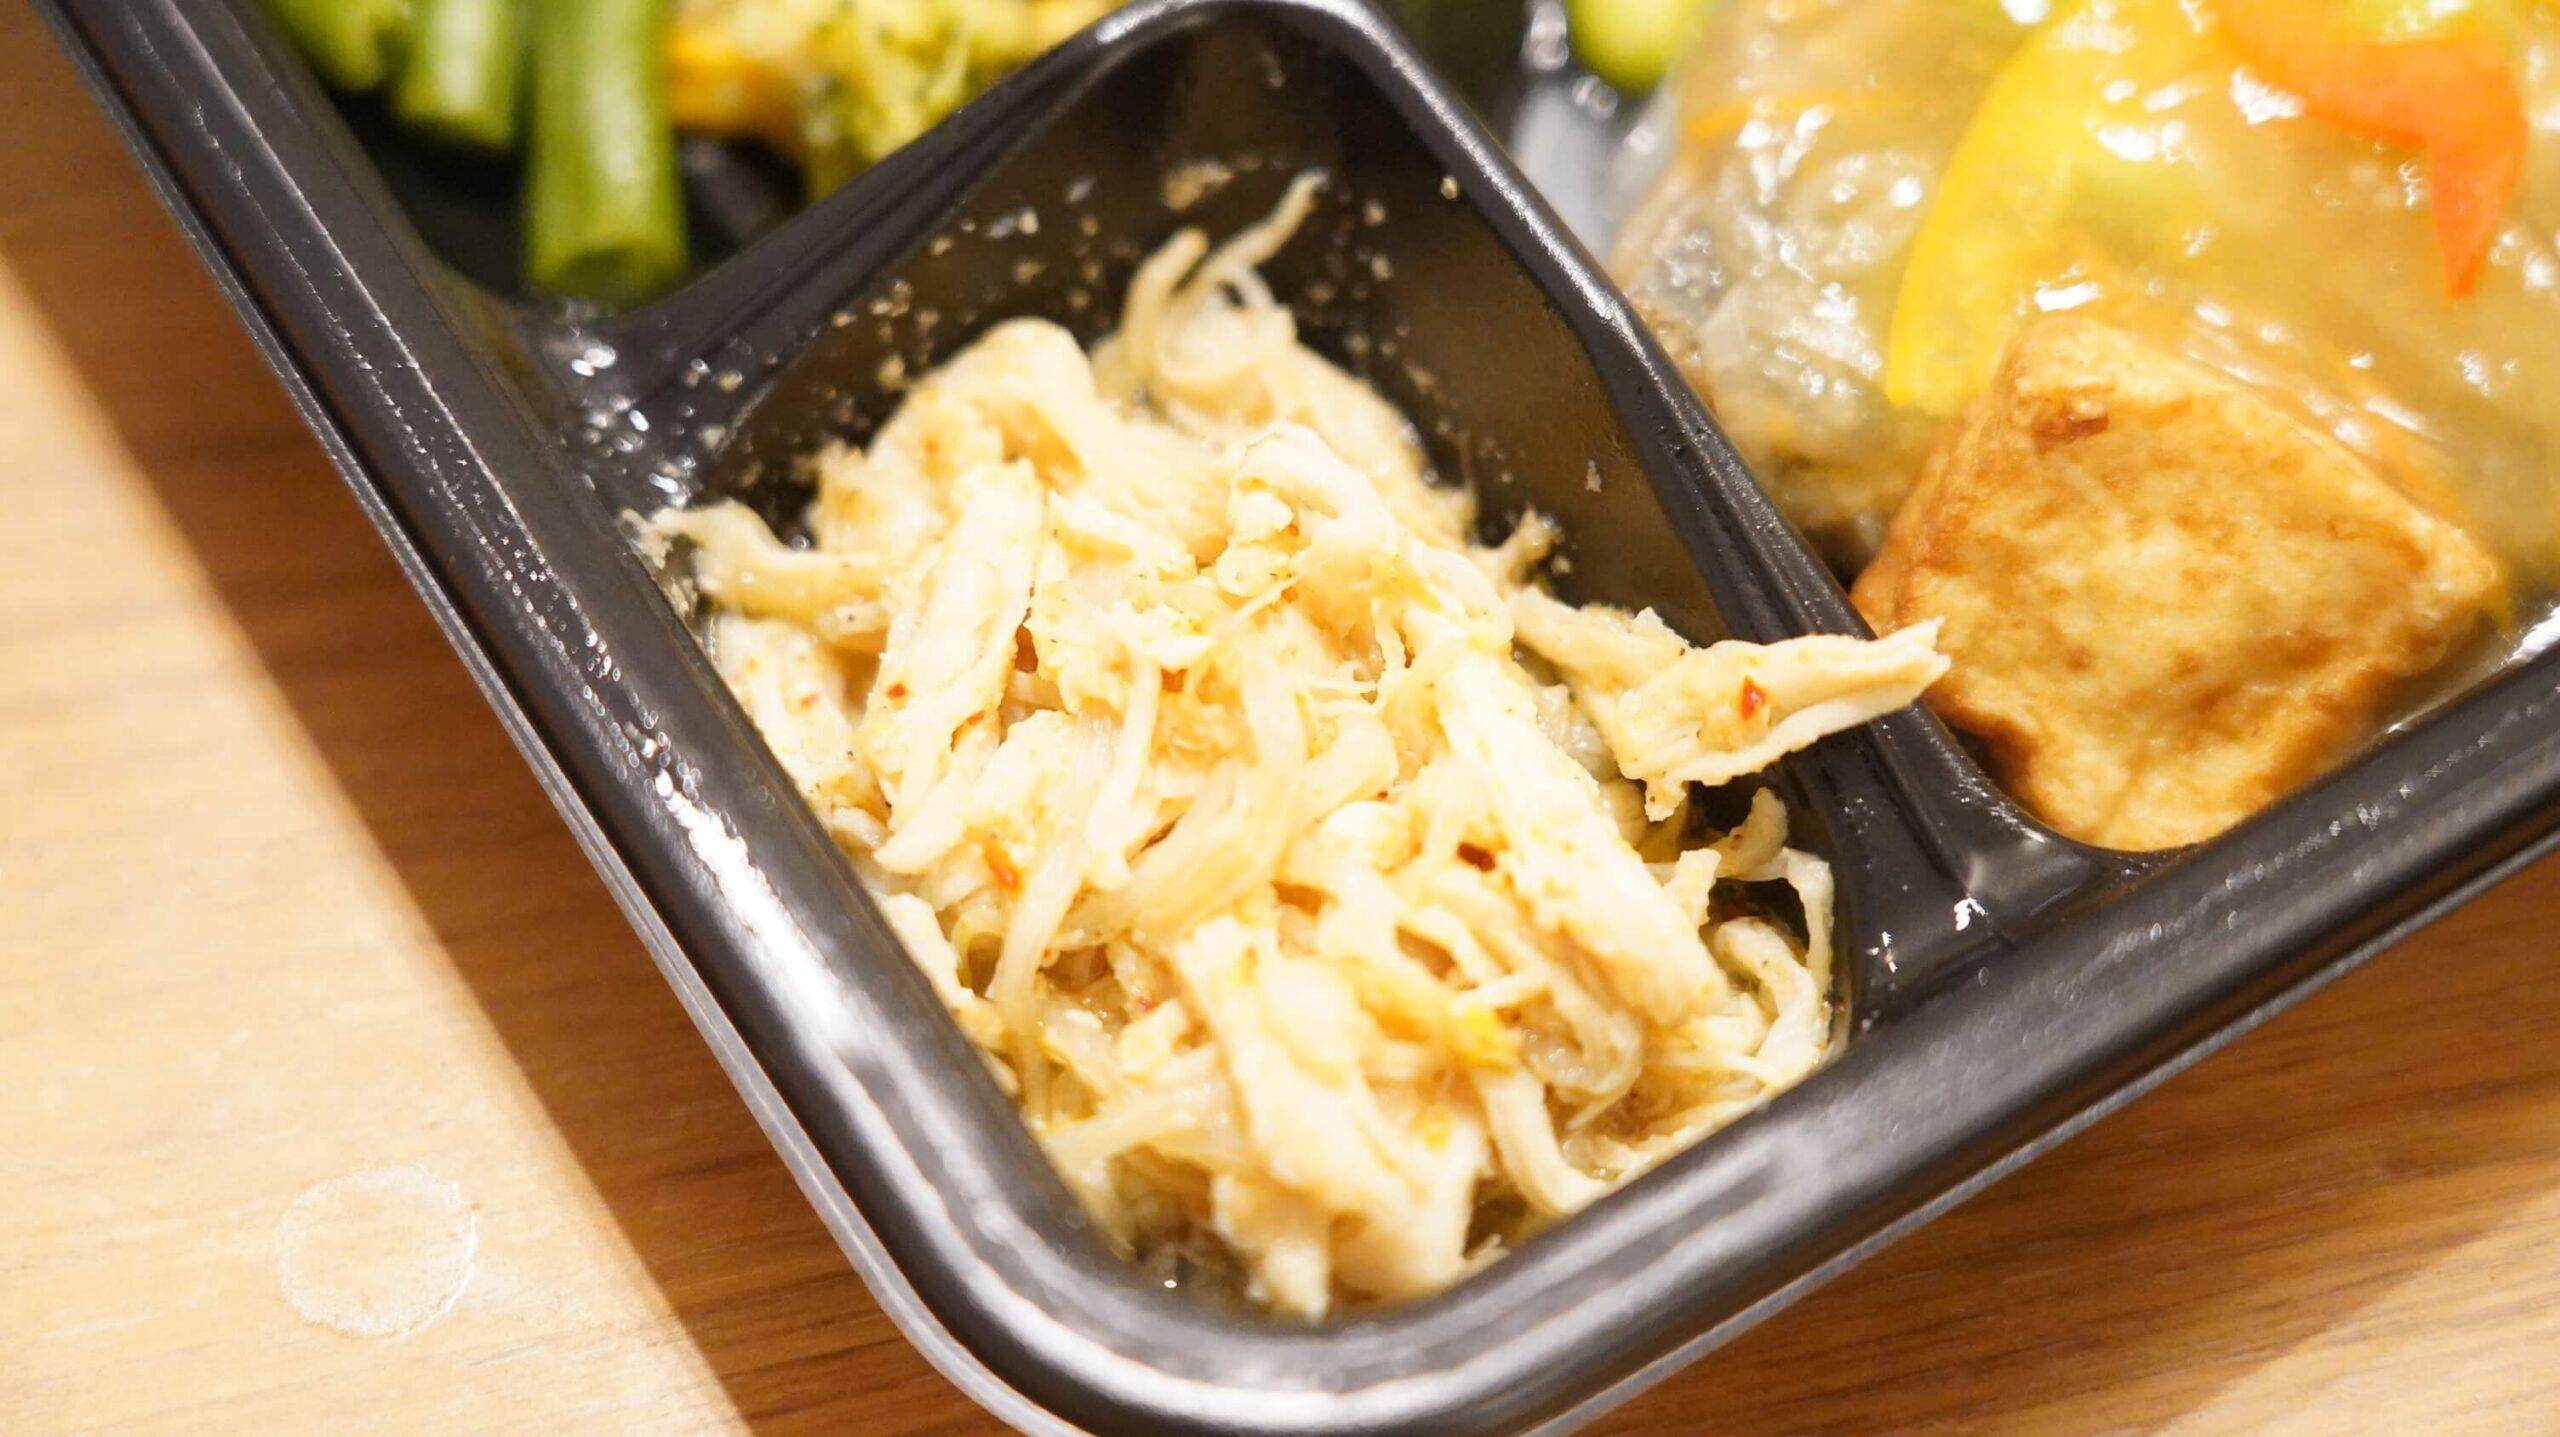 ライザップのサポートミール「あじの甘酢あんかけ」の「蒸し鶏のピリ辛和え」の写真